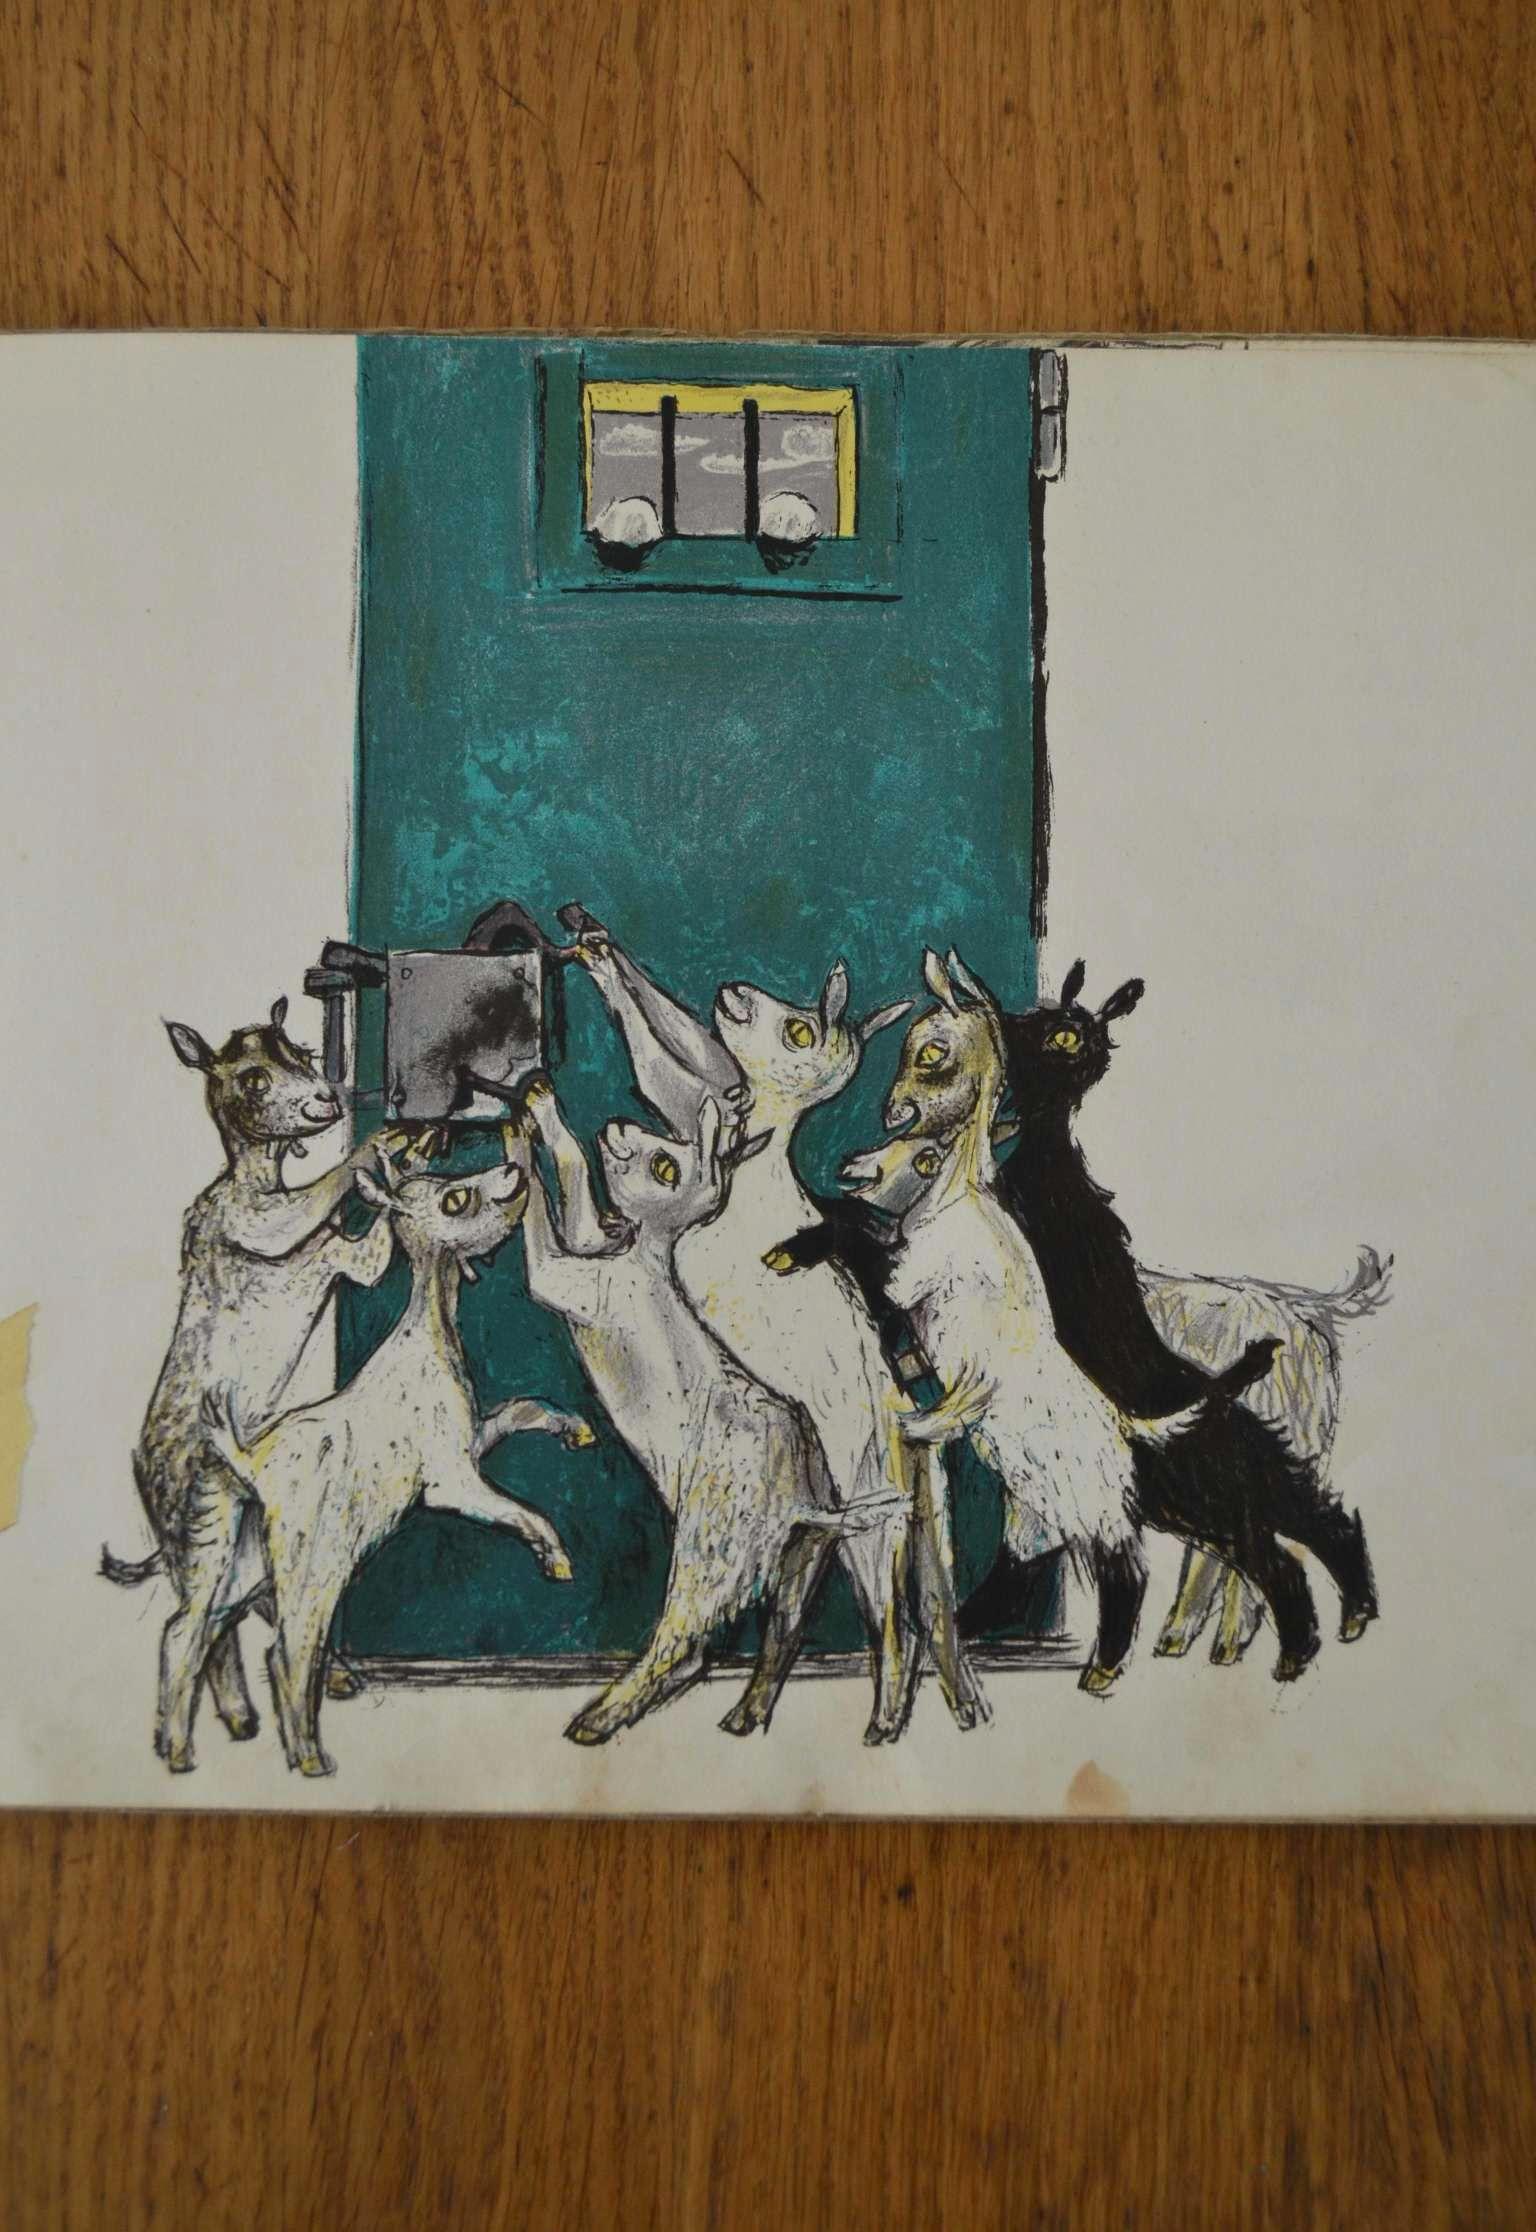 der wolf und die sieben geisslein from felix hoffmann